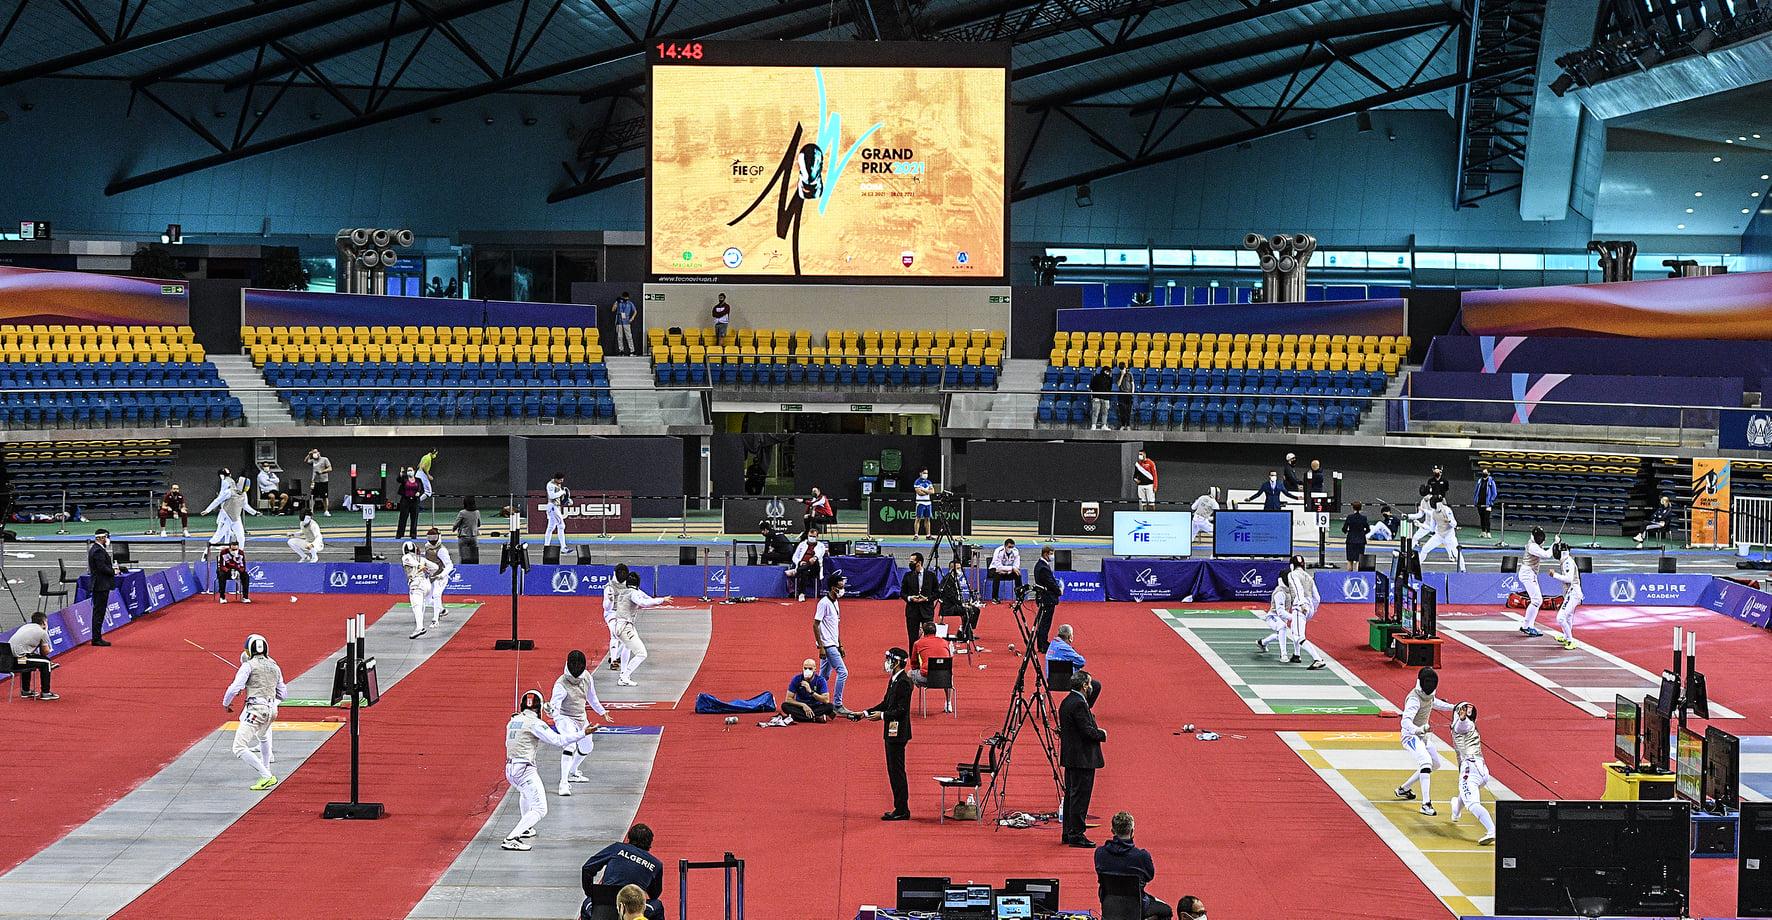 ГП 2021 Доха: 16-річна Крістіна Петрова - краща серед українців на Гран-прі у Катарі